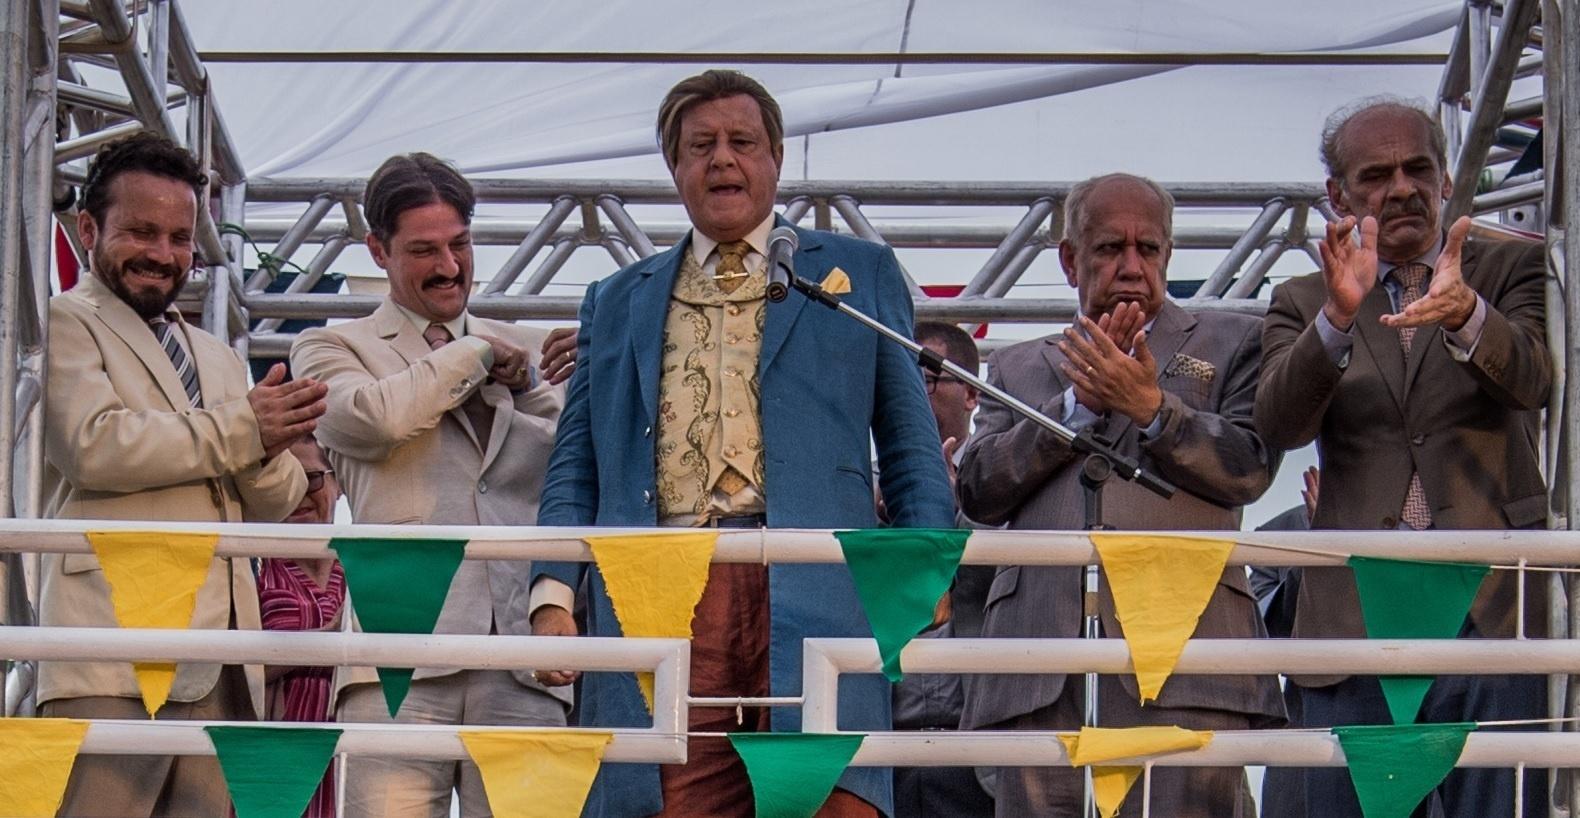 Afrânio (Antonio Fagundes) discursa durante inauguração de estrada em